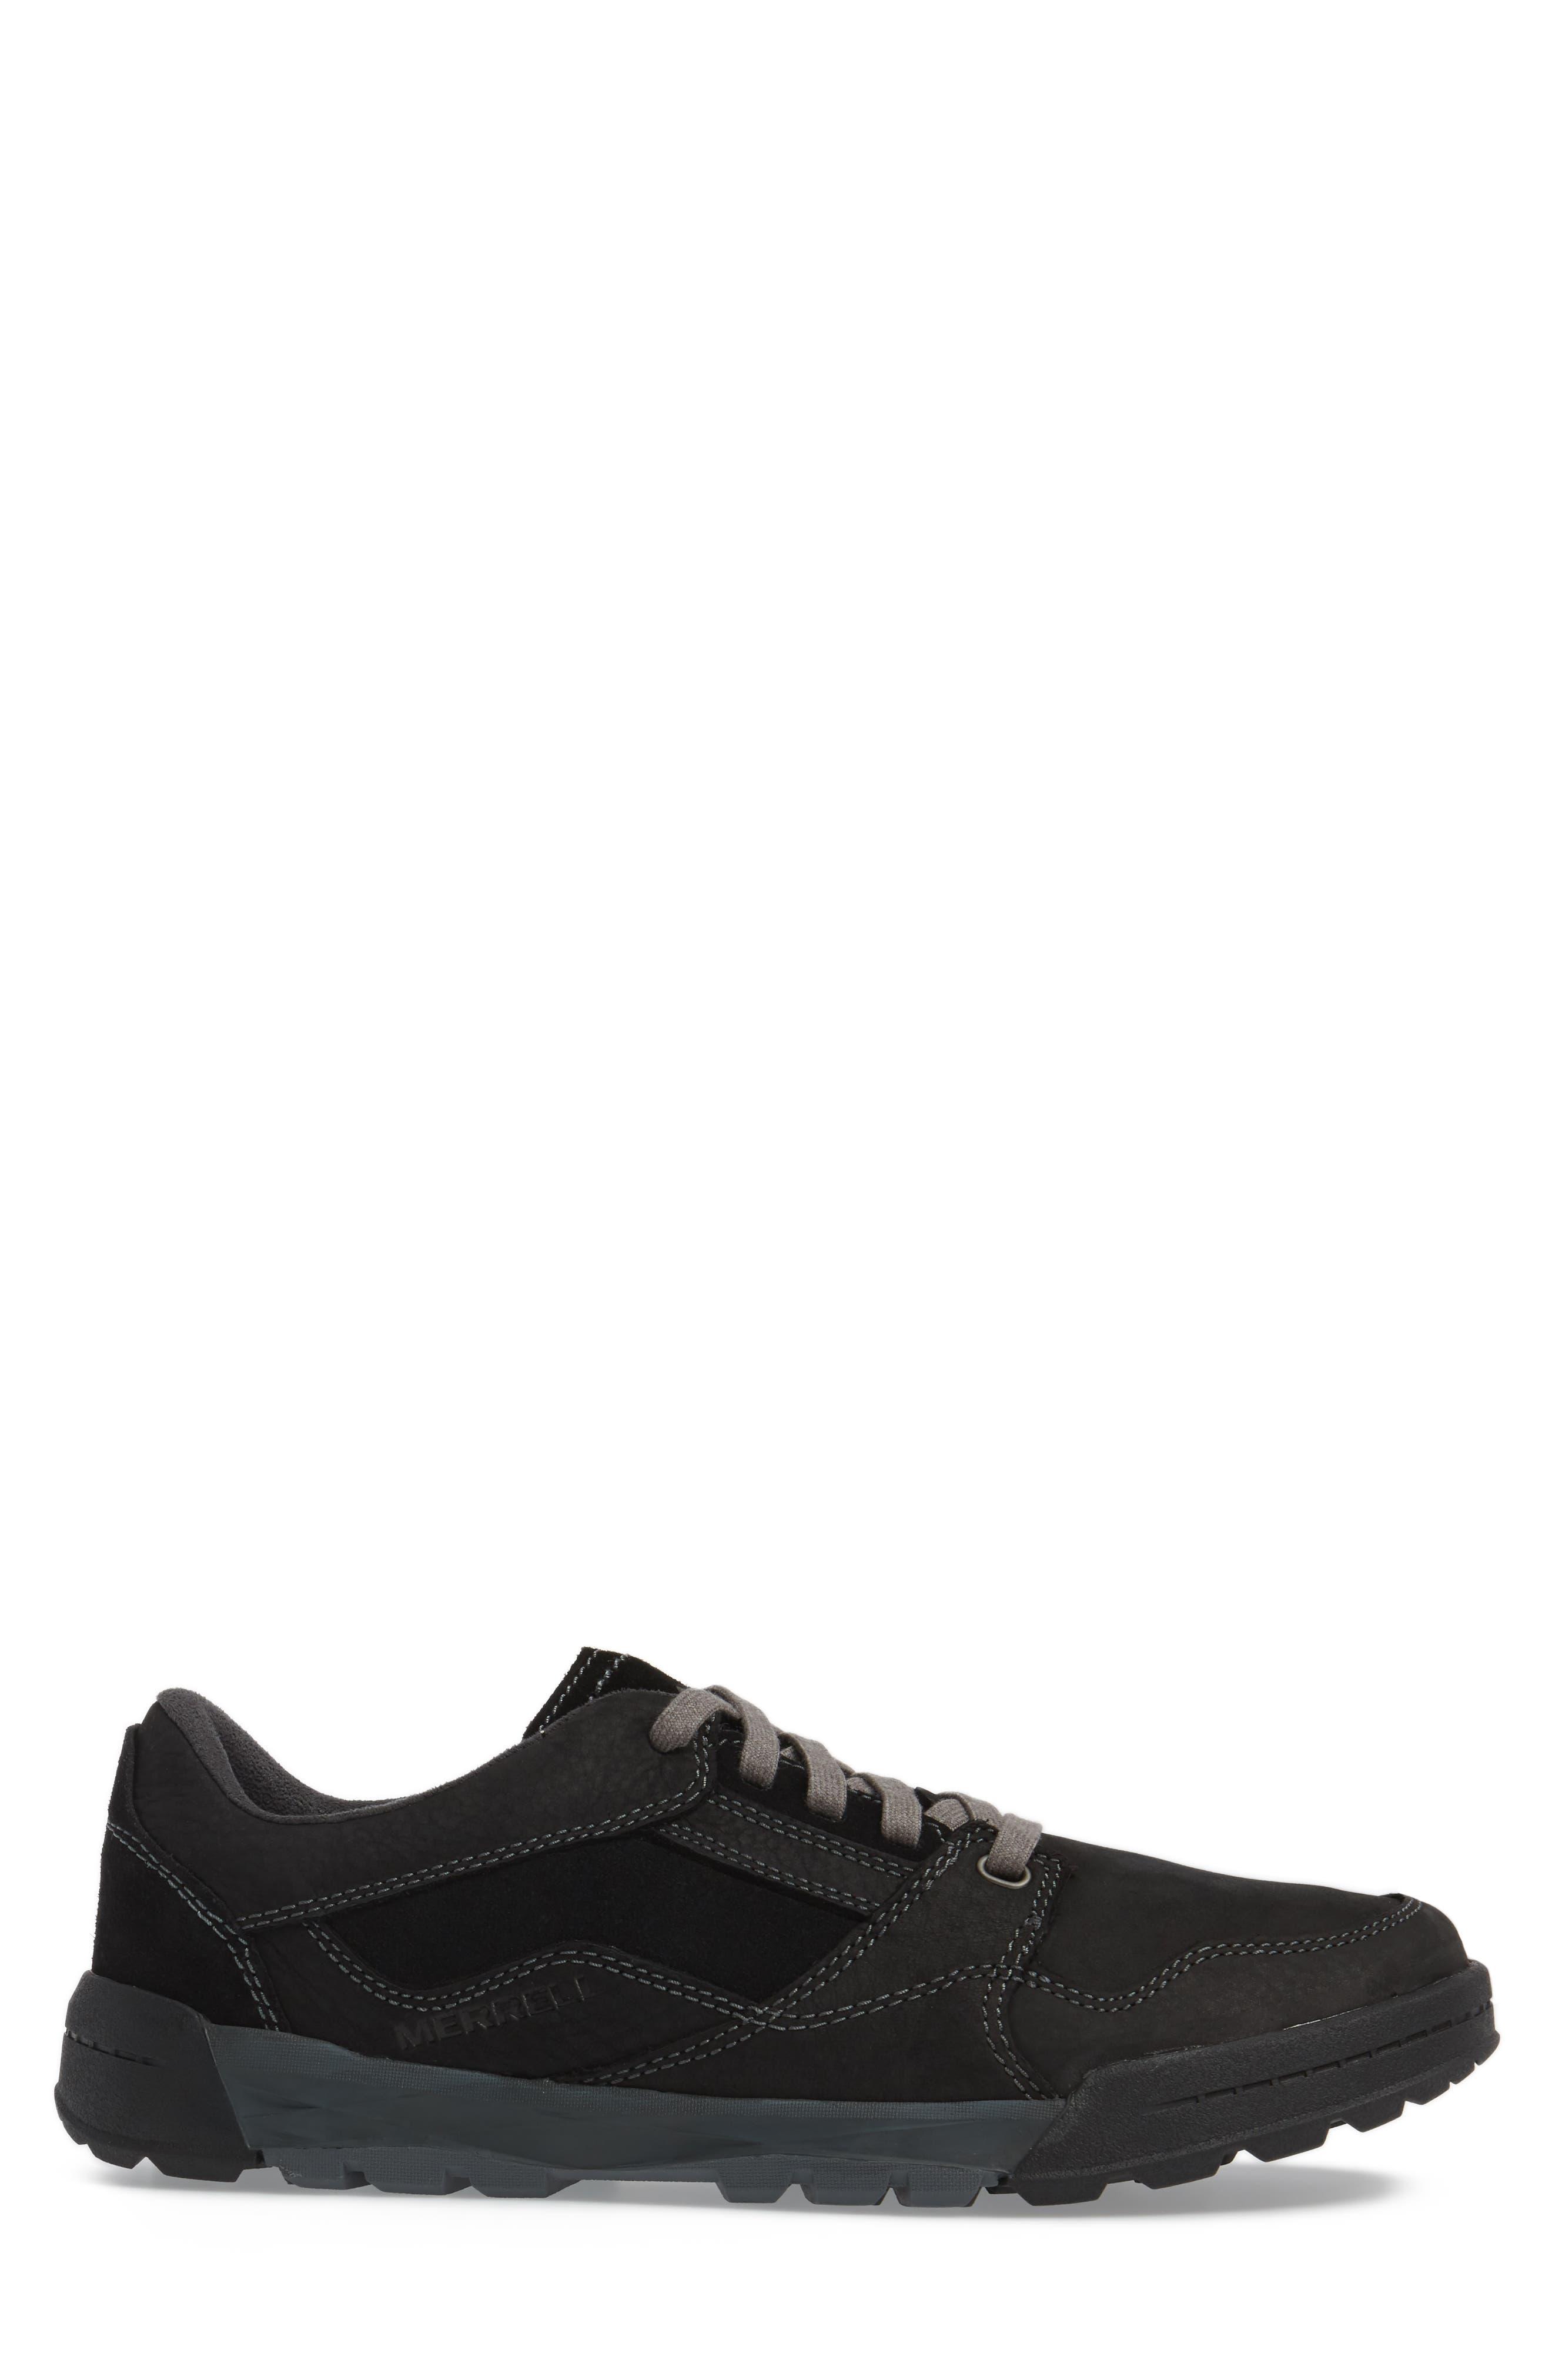 Alternate Image 3  - Merrell Berner Sneaker (Men)